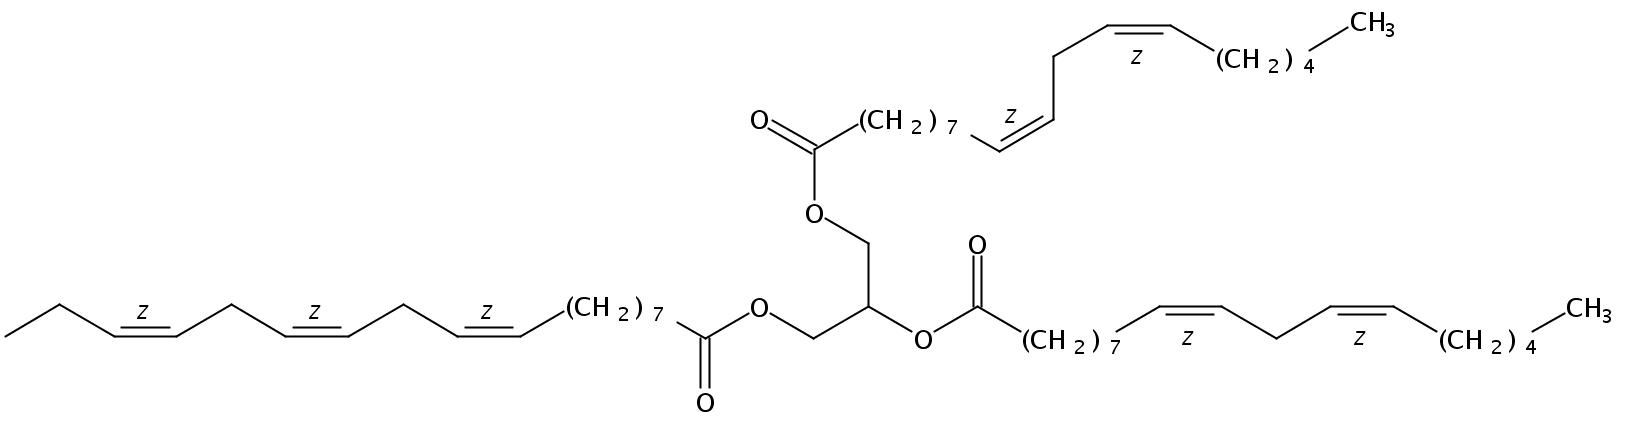 1,2-Linolein-3-Linolenin